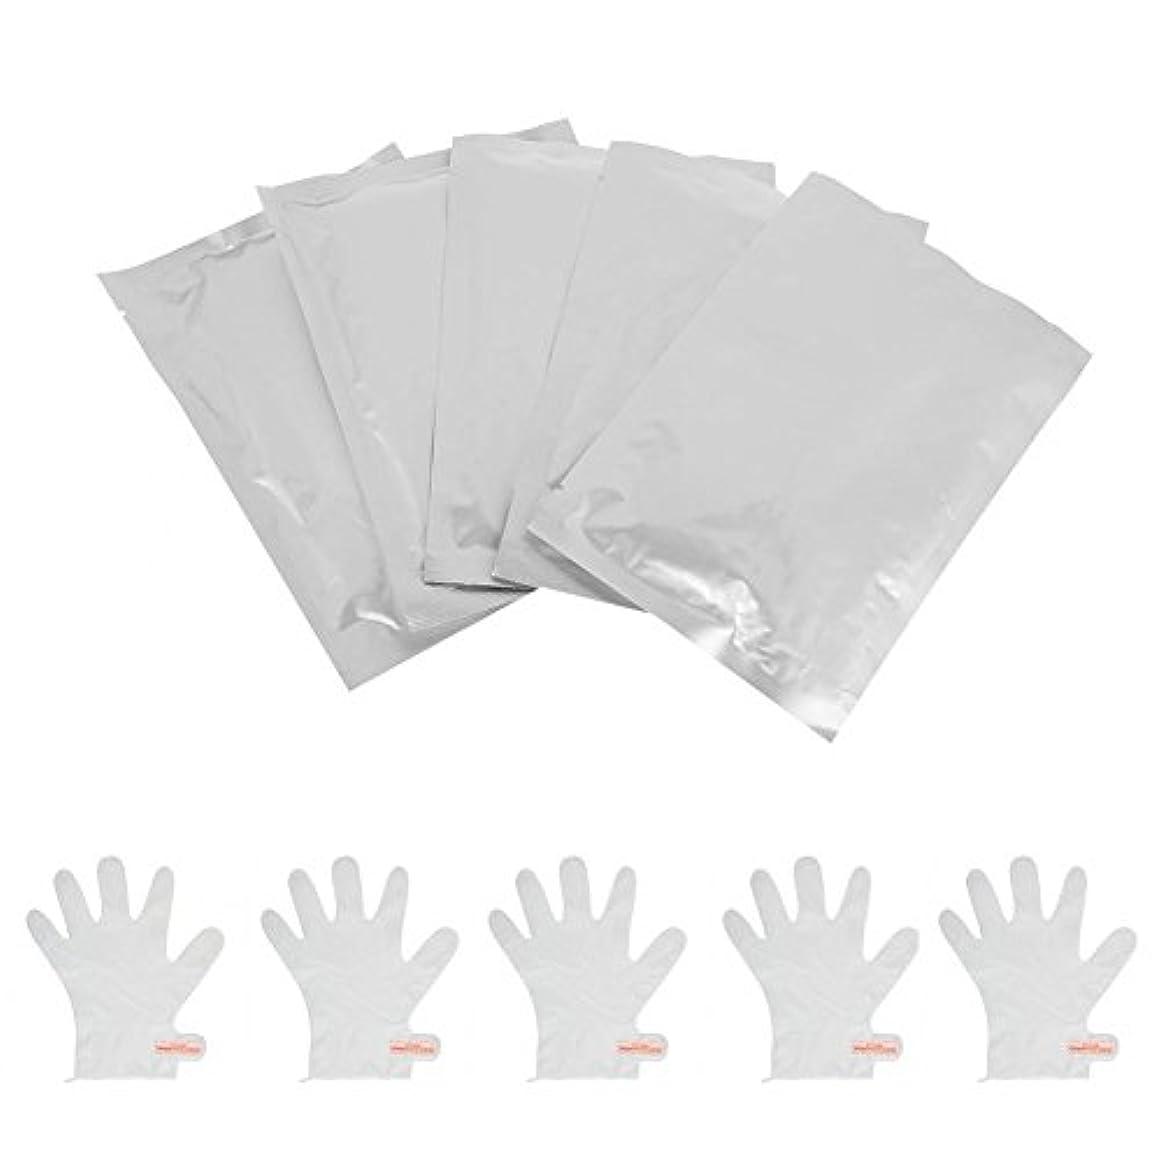 限りなくウルル回転Ochun ハンドマスク ハンドパック しっとり 保湿ケア 手荒れを防ぐ 乾燥の季節に適用 手袋のようにはめるだけ 10枚セット